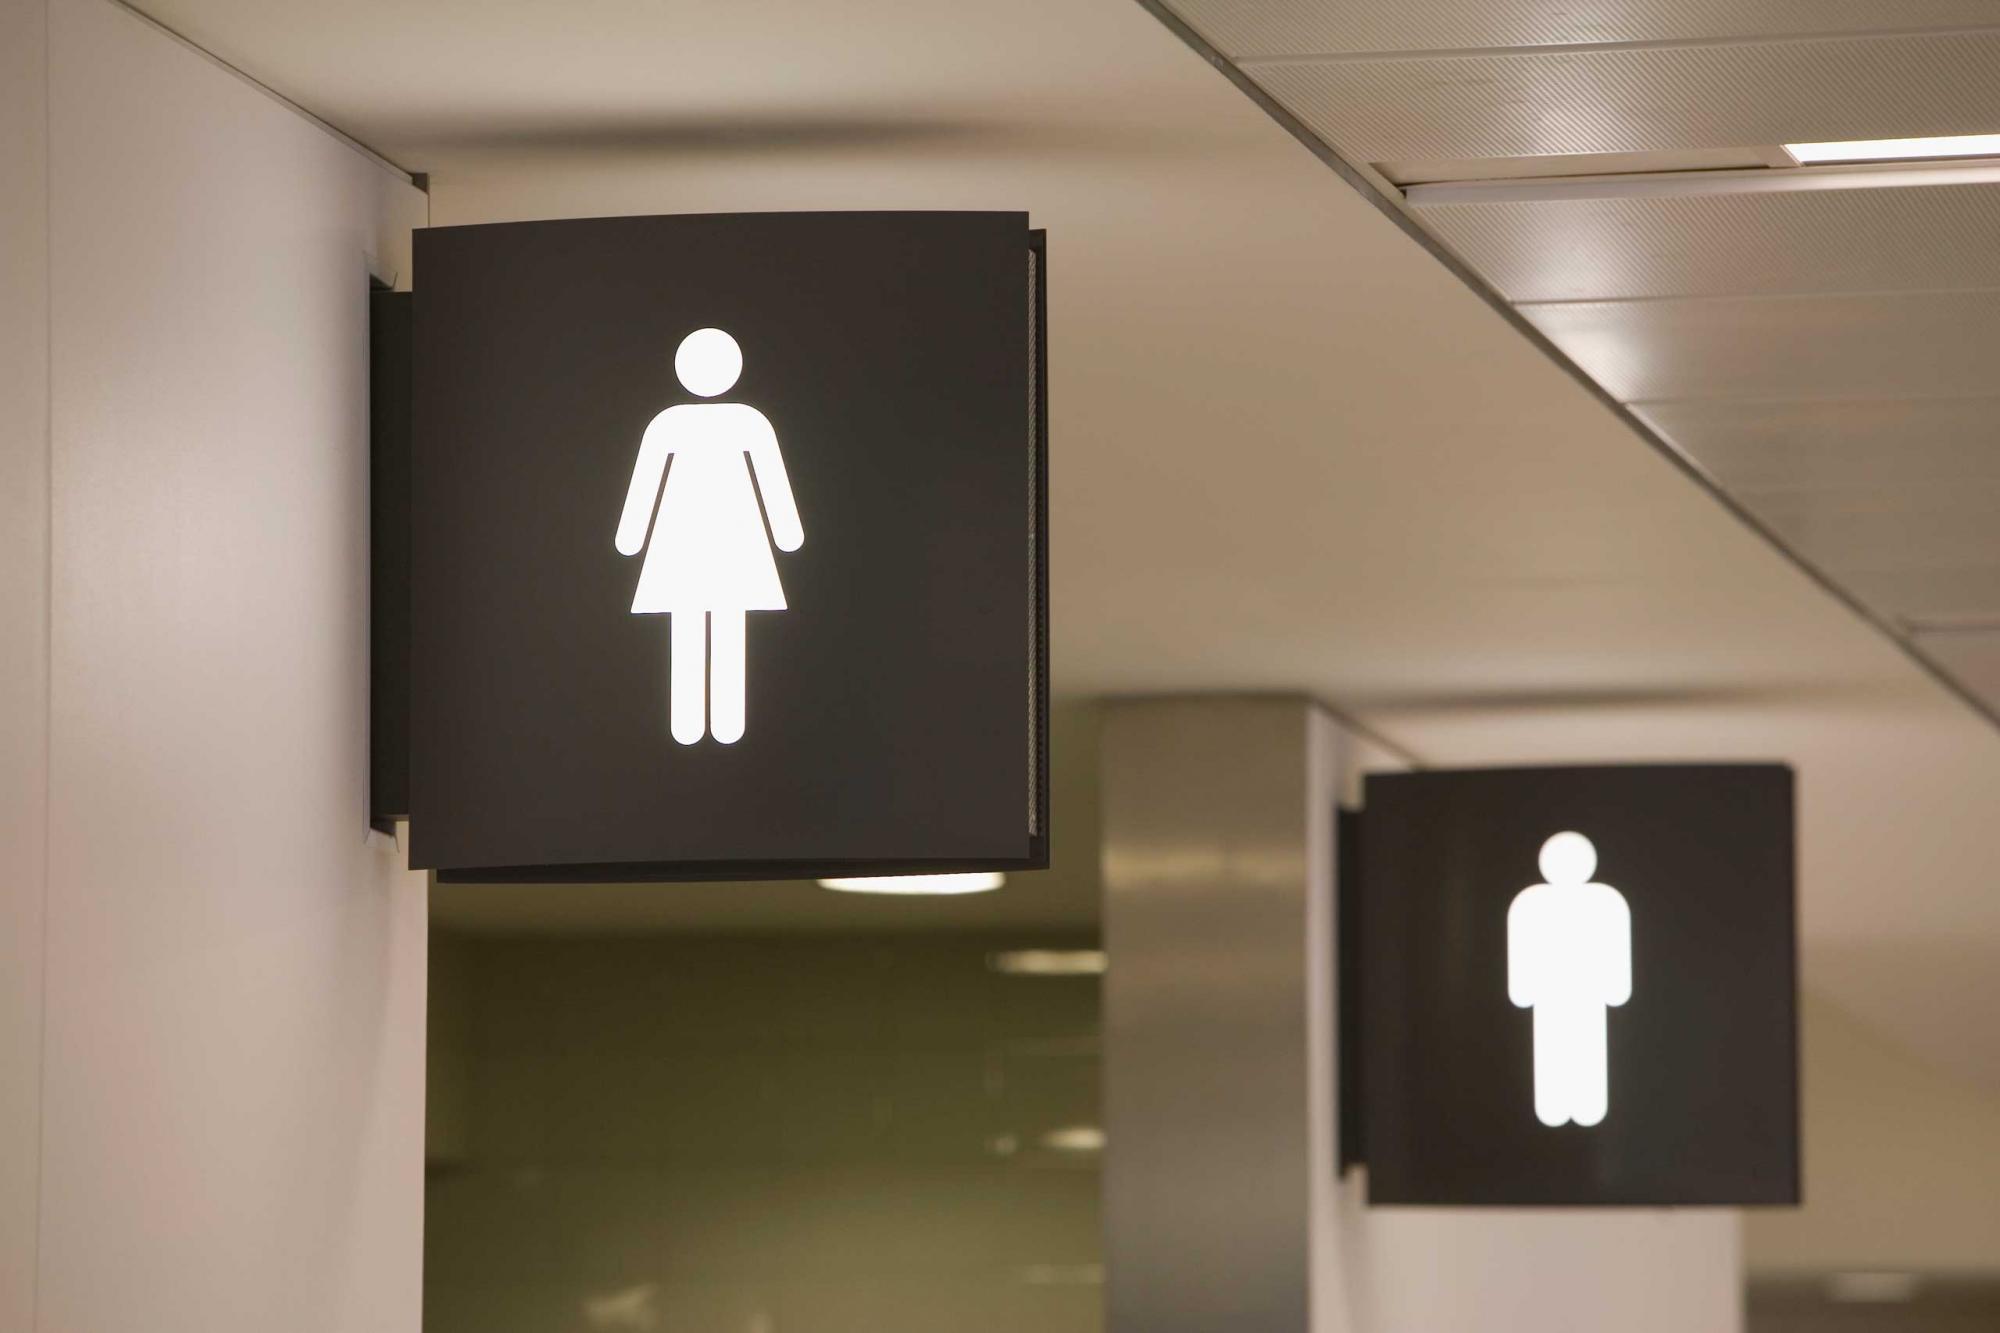 В Новосибирске в школьном туалете скончалась ученица